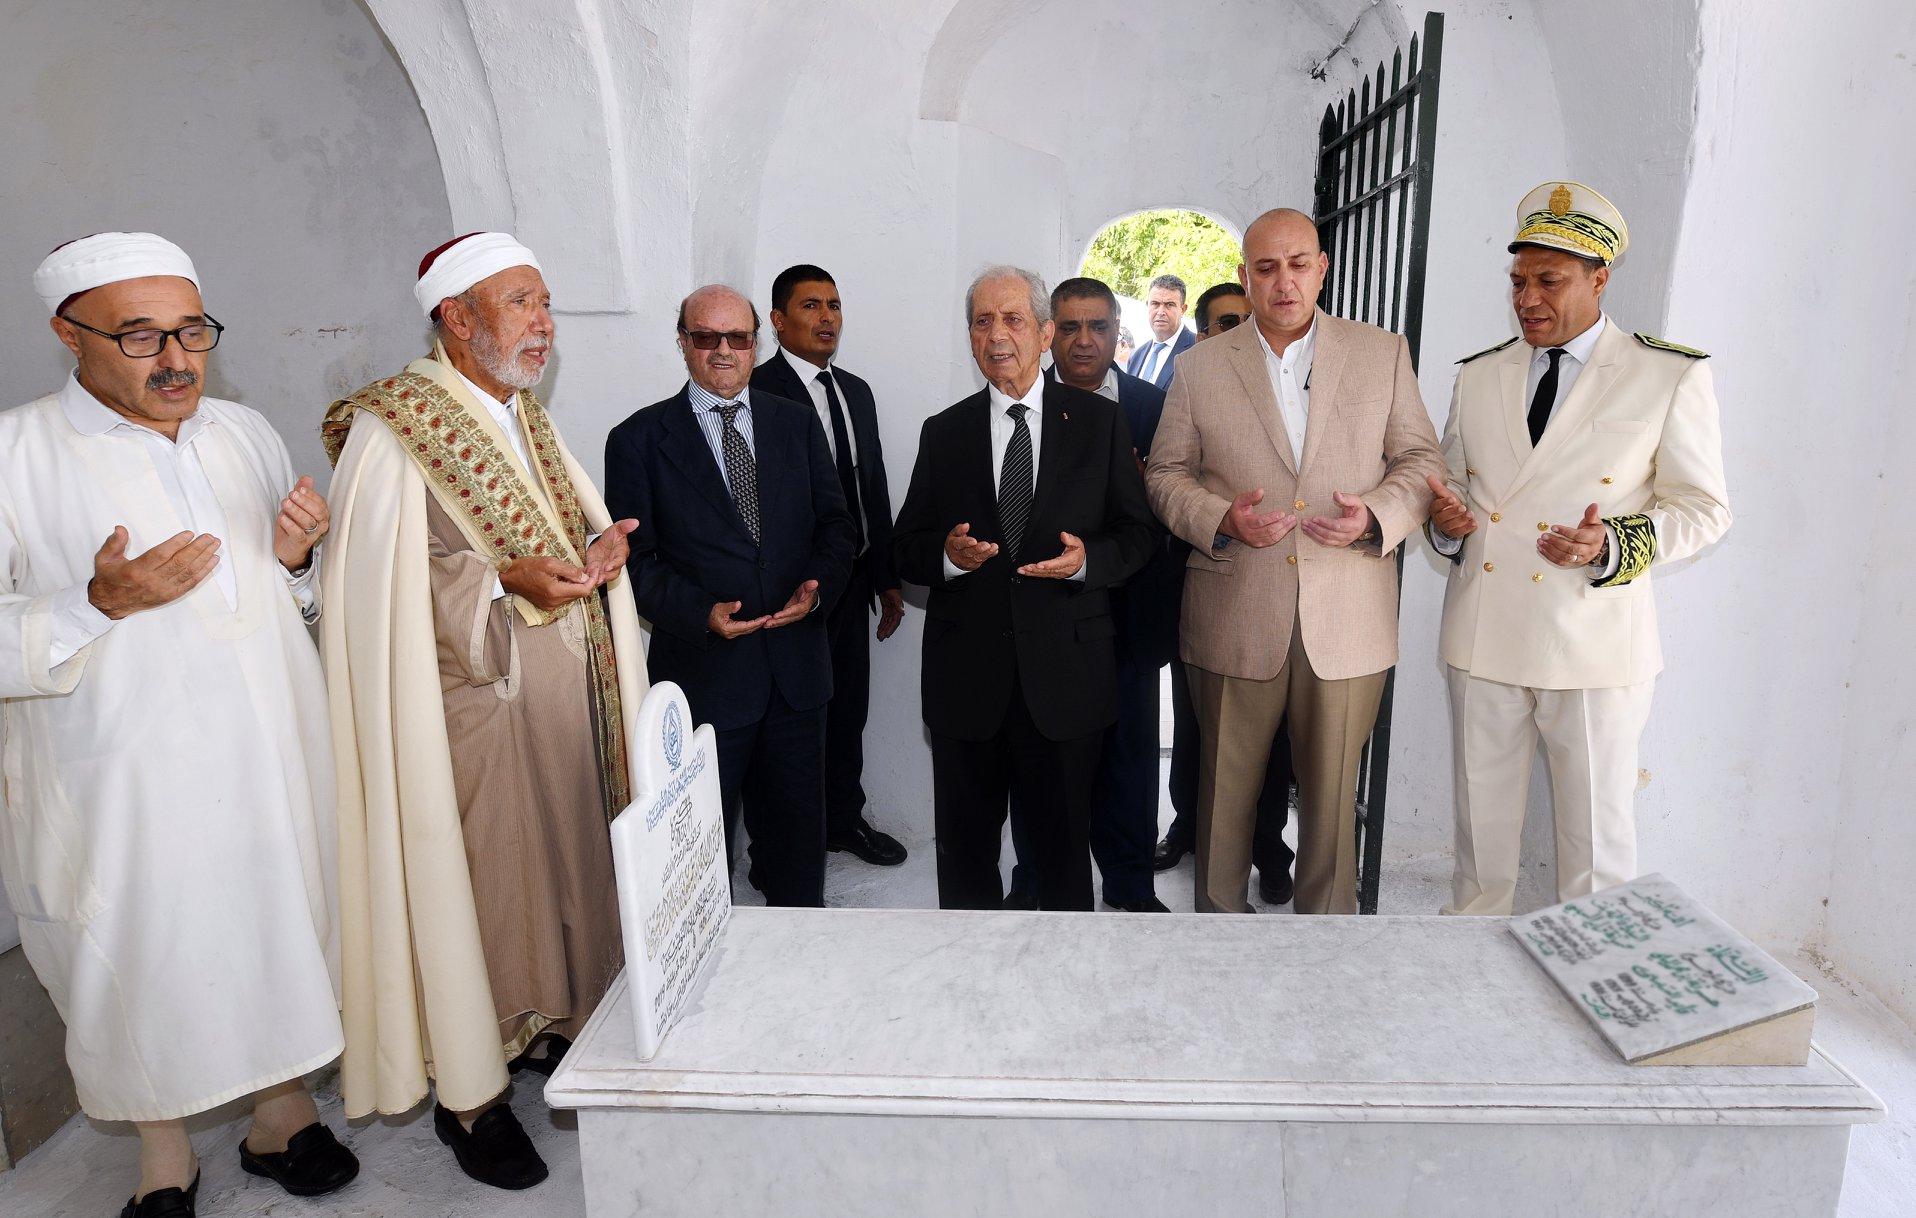 """""""حافظ"""" يتغيب عن أربعينية الرئيس الراحل و""""خليل"""" يتحدث باسم العائلة"""